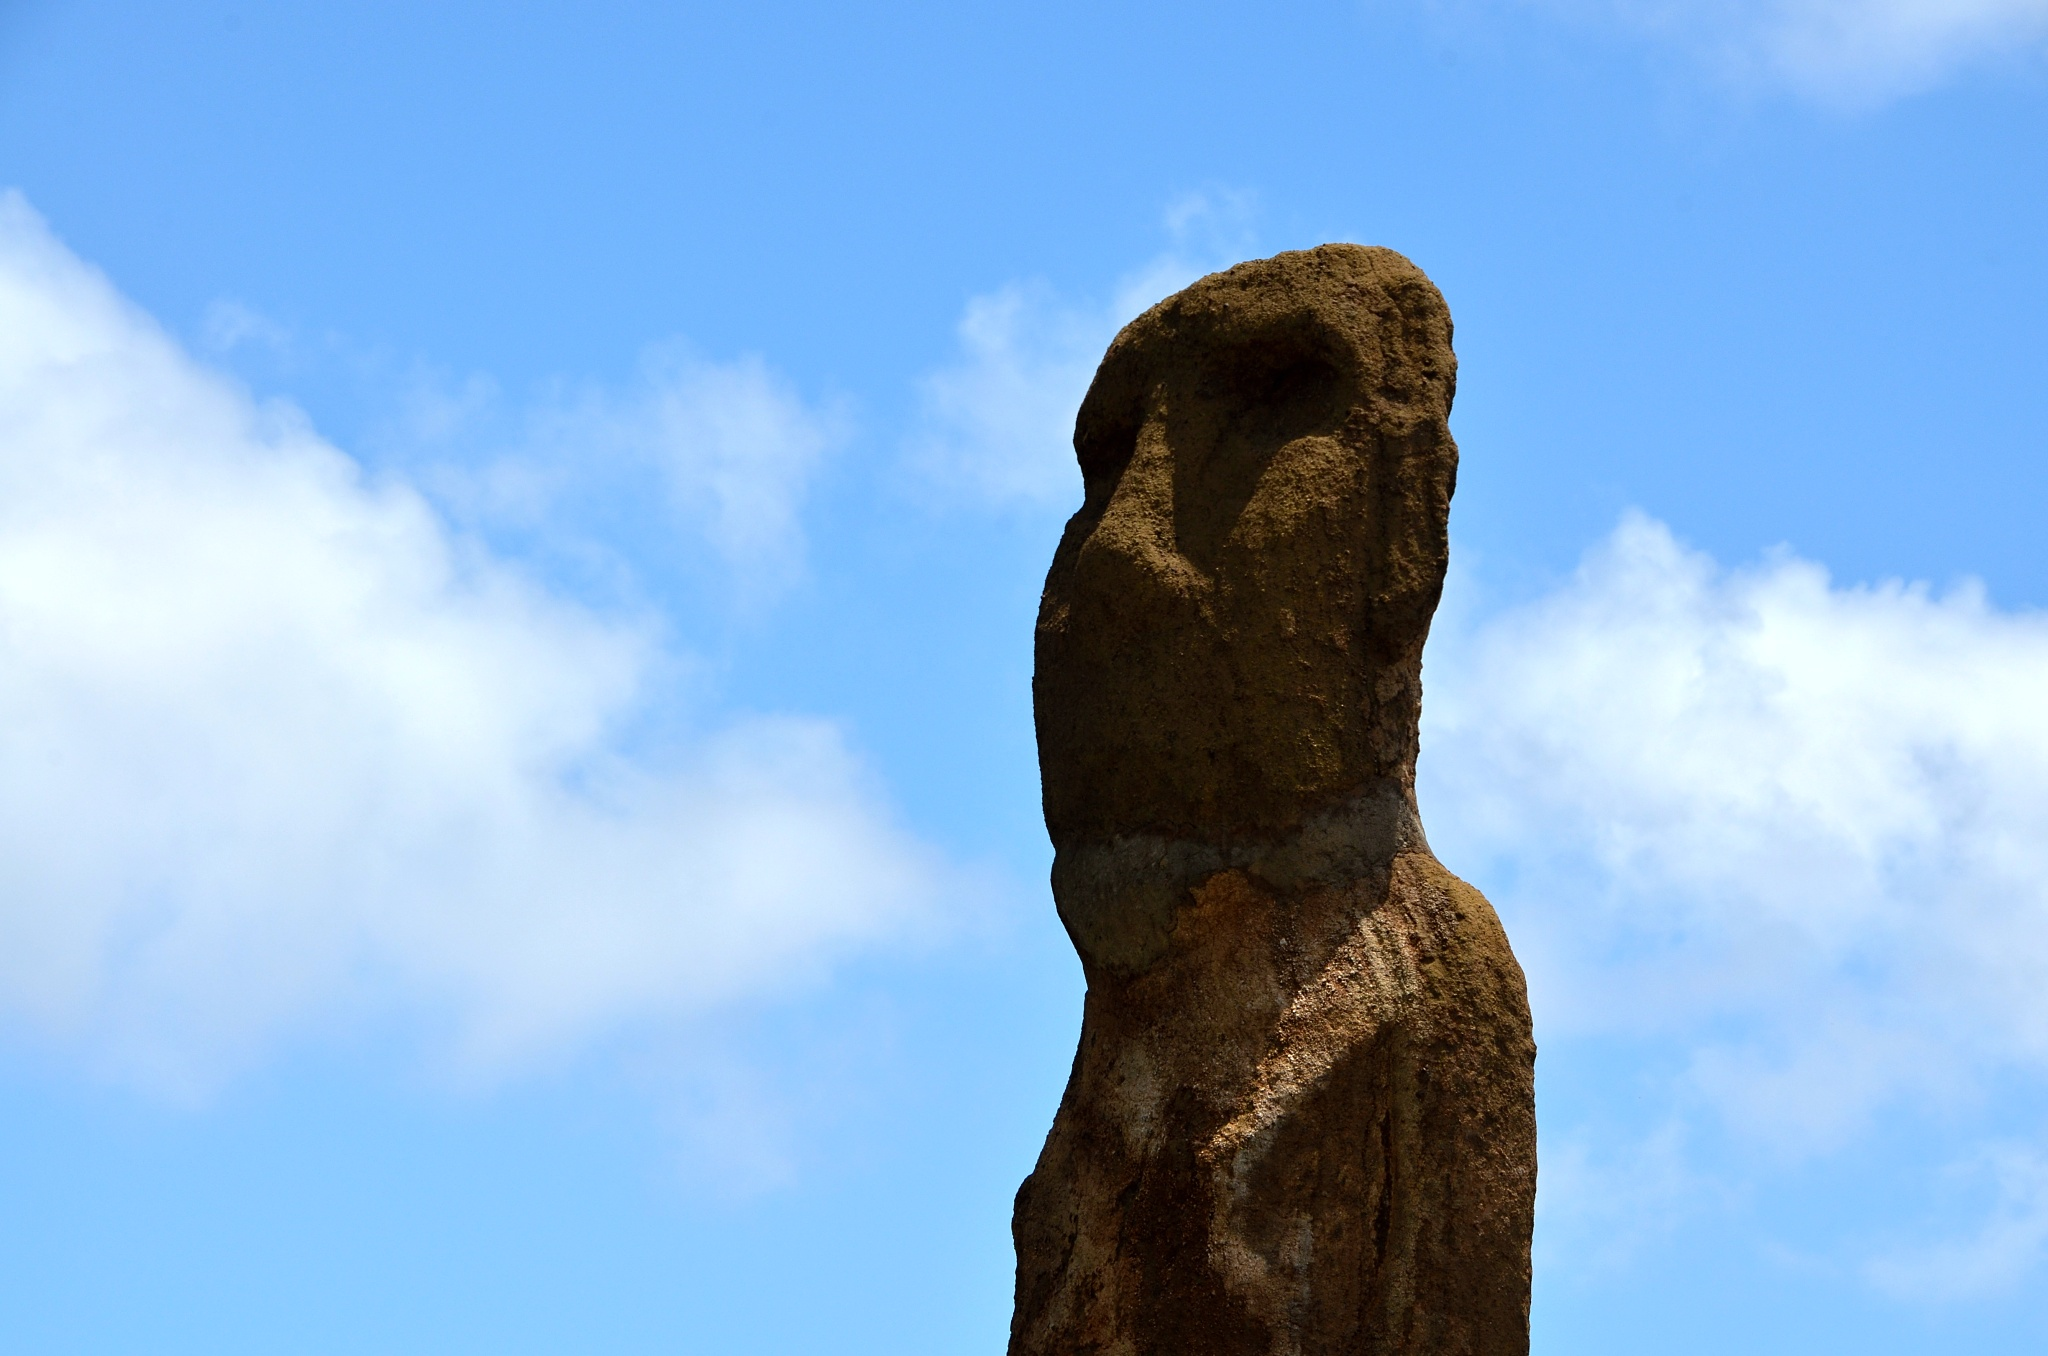 Detail na hlavu první Moai, kterou jsme viděli na ostrově